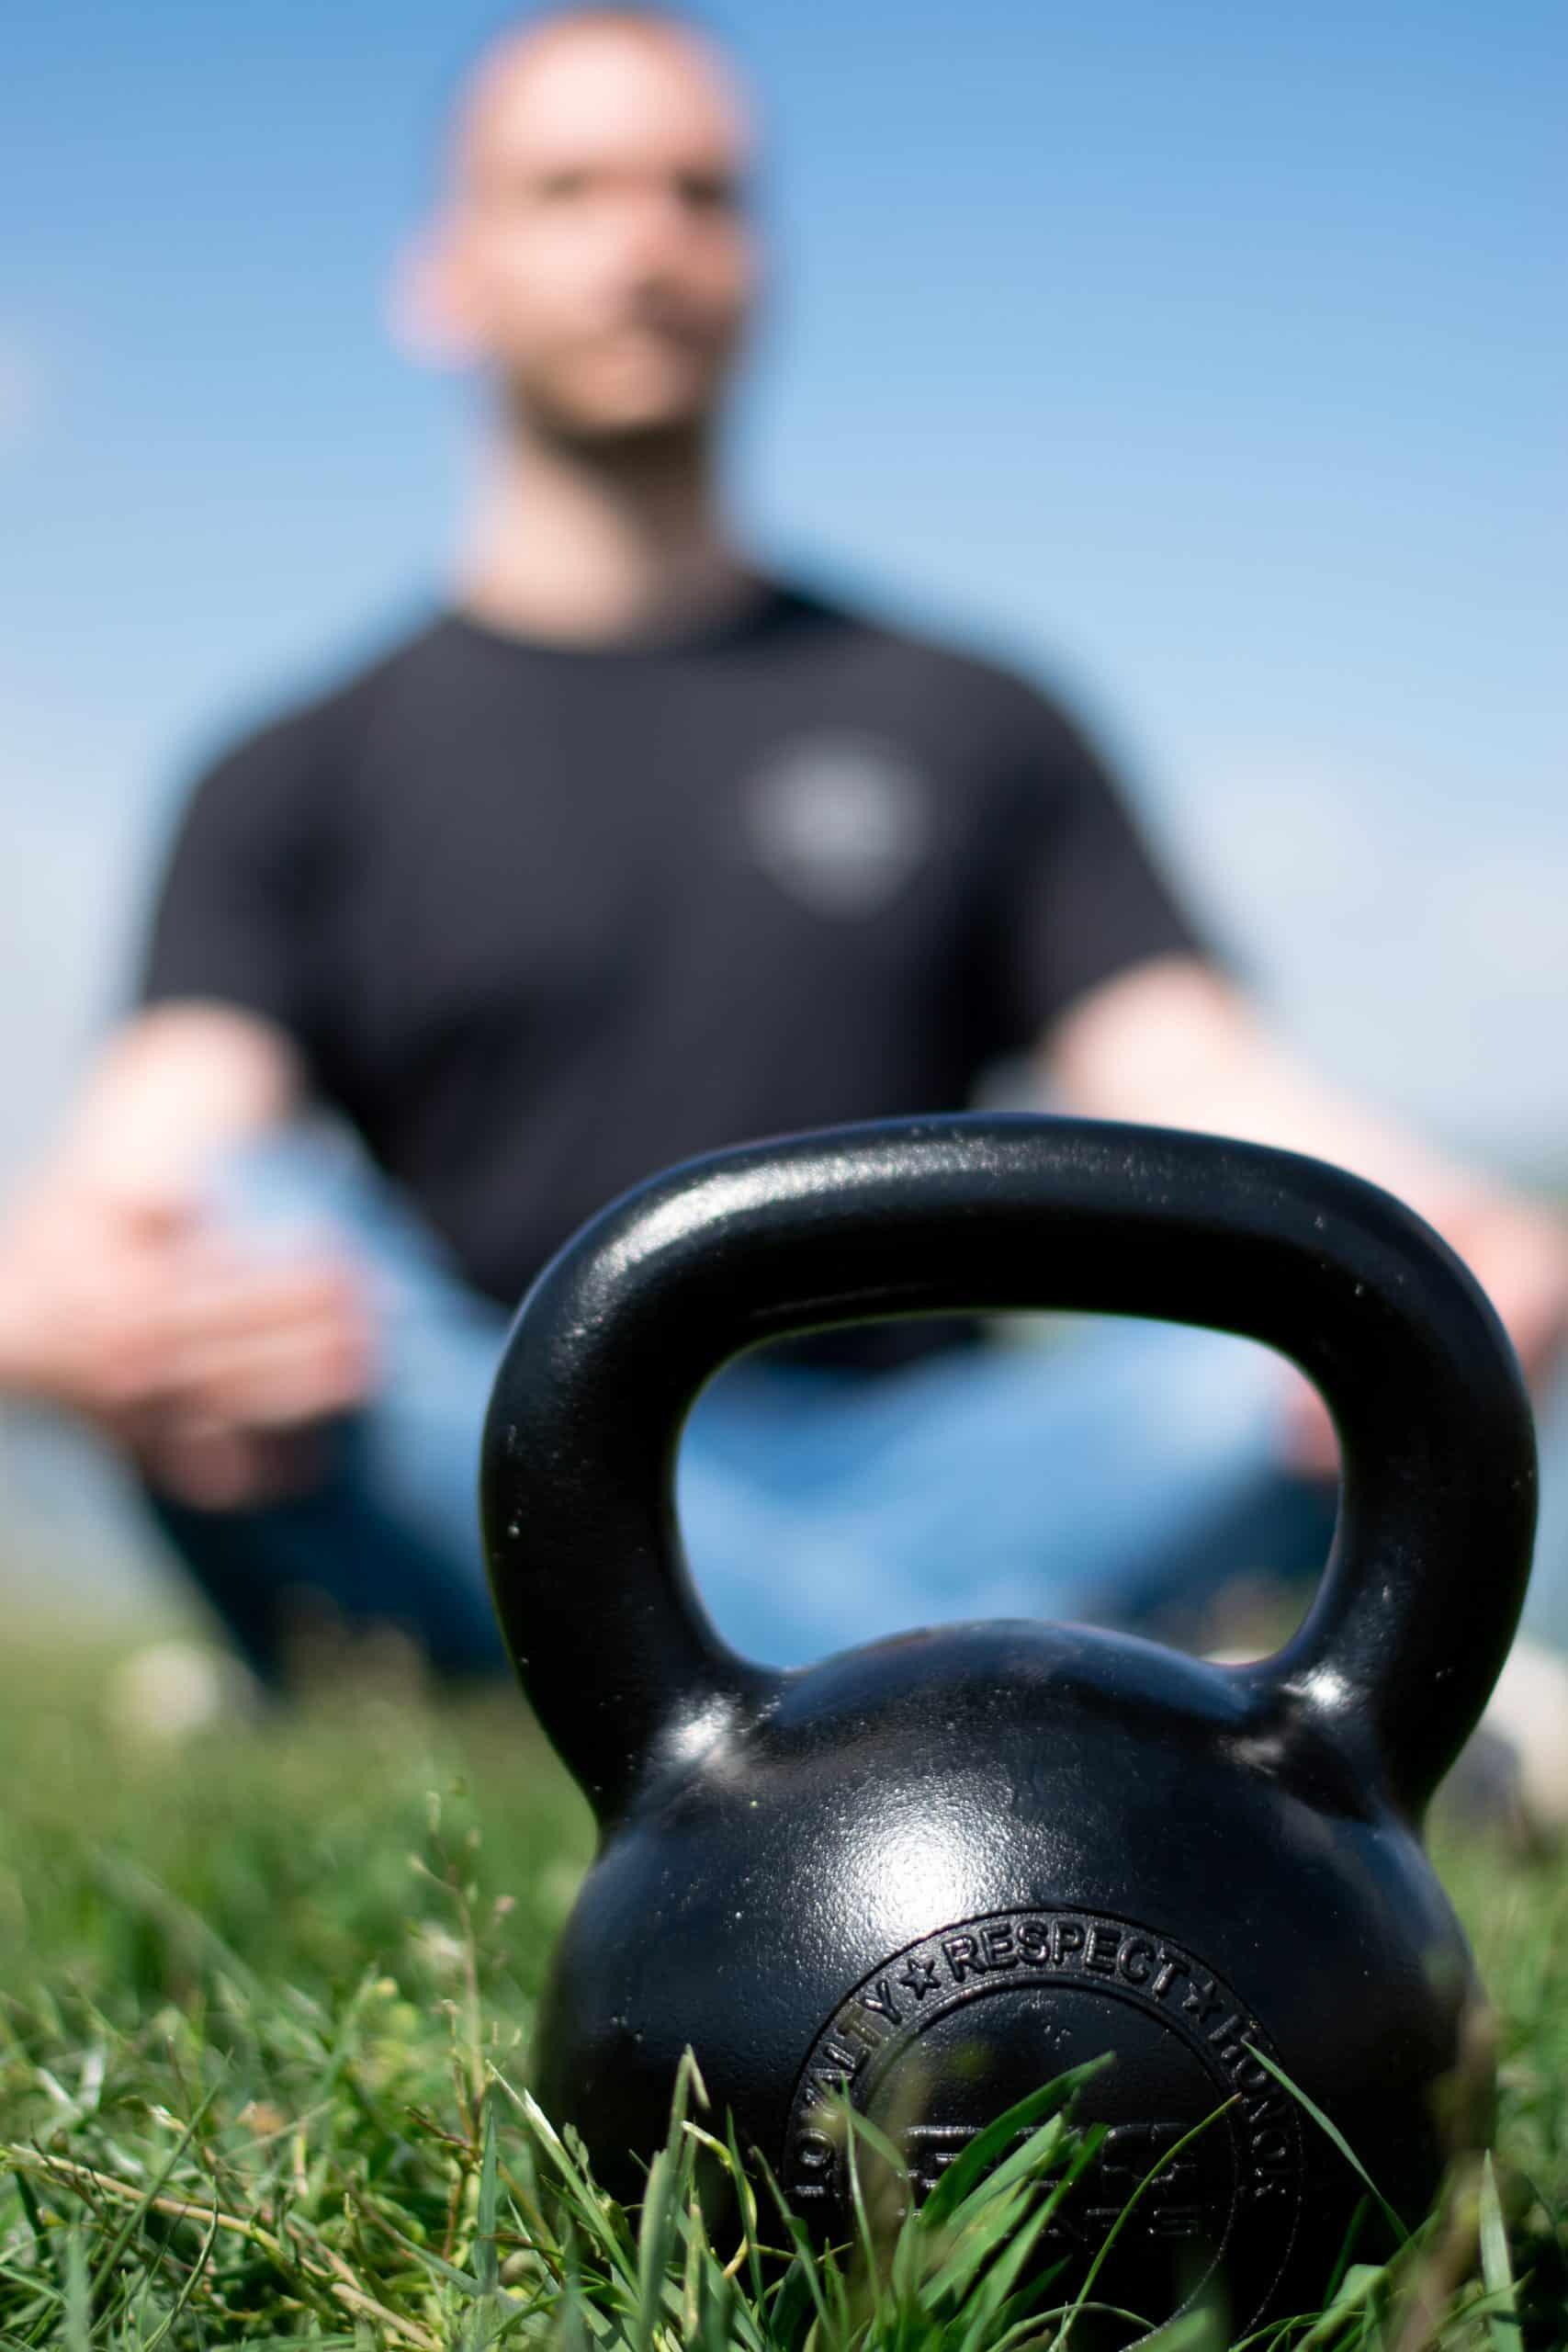 Hogyan állj hozzá a pihenés / nyaralás időszakához az egészséges életmód tekintetében?